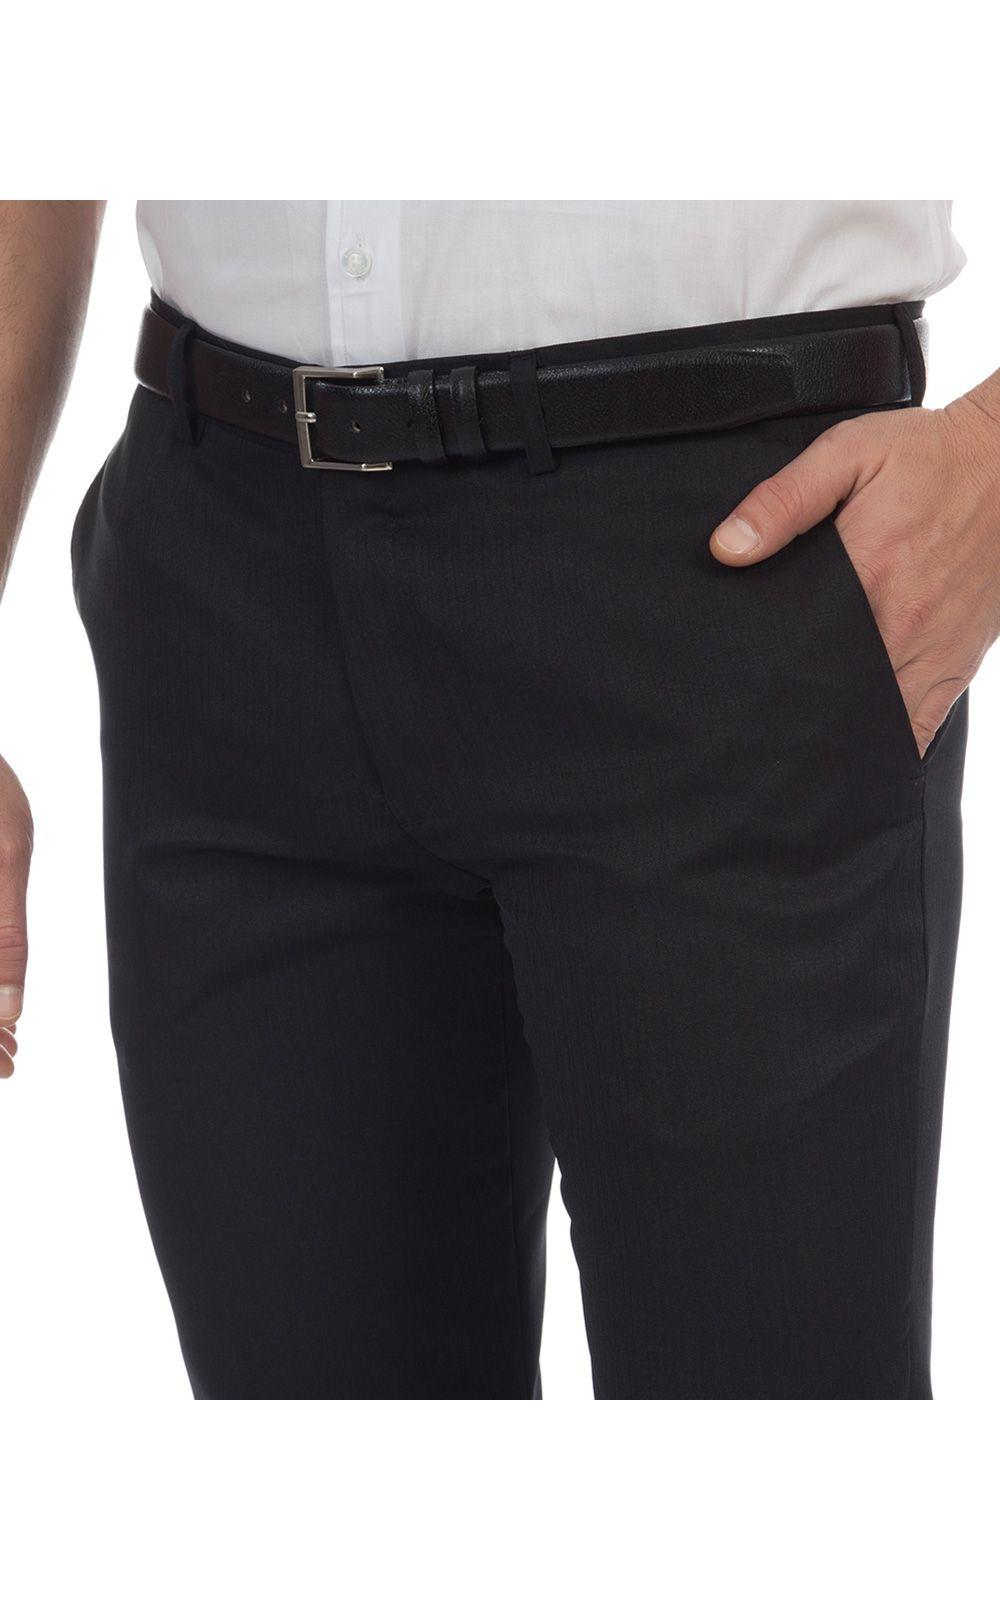 Foto 3 - Calça Social Masculina Preta Texturizada